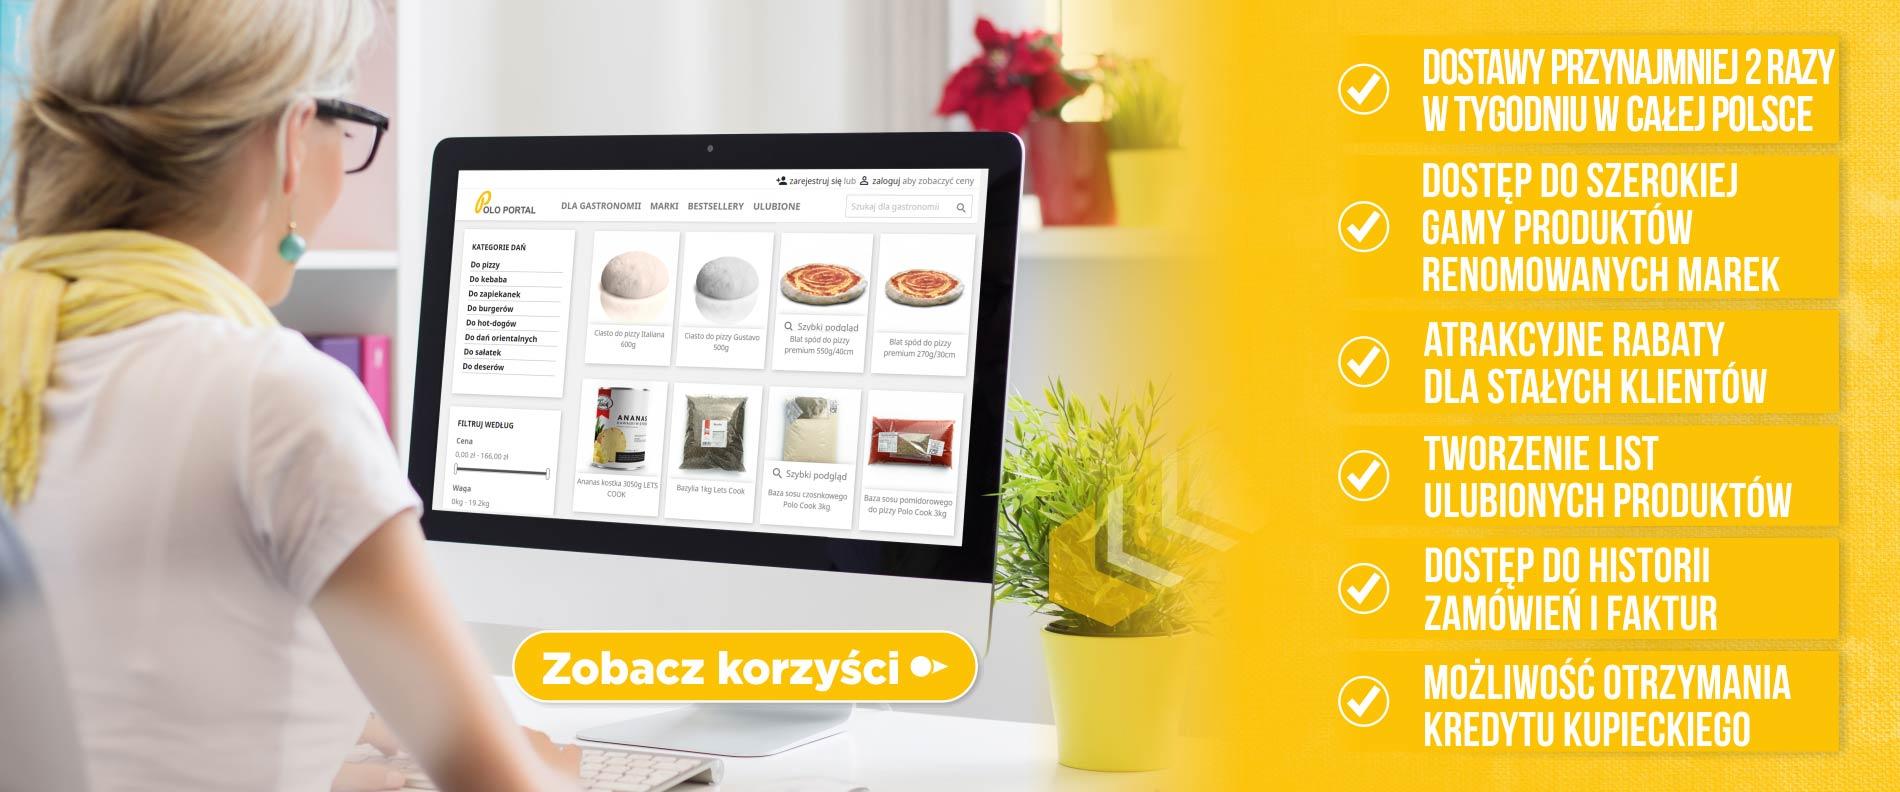 PoloPortal - nowoczesne narzędzie dla Twojego biznesu